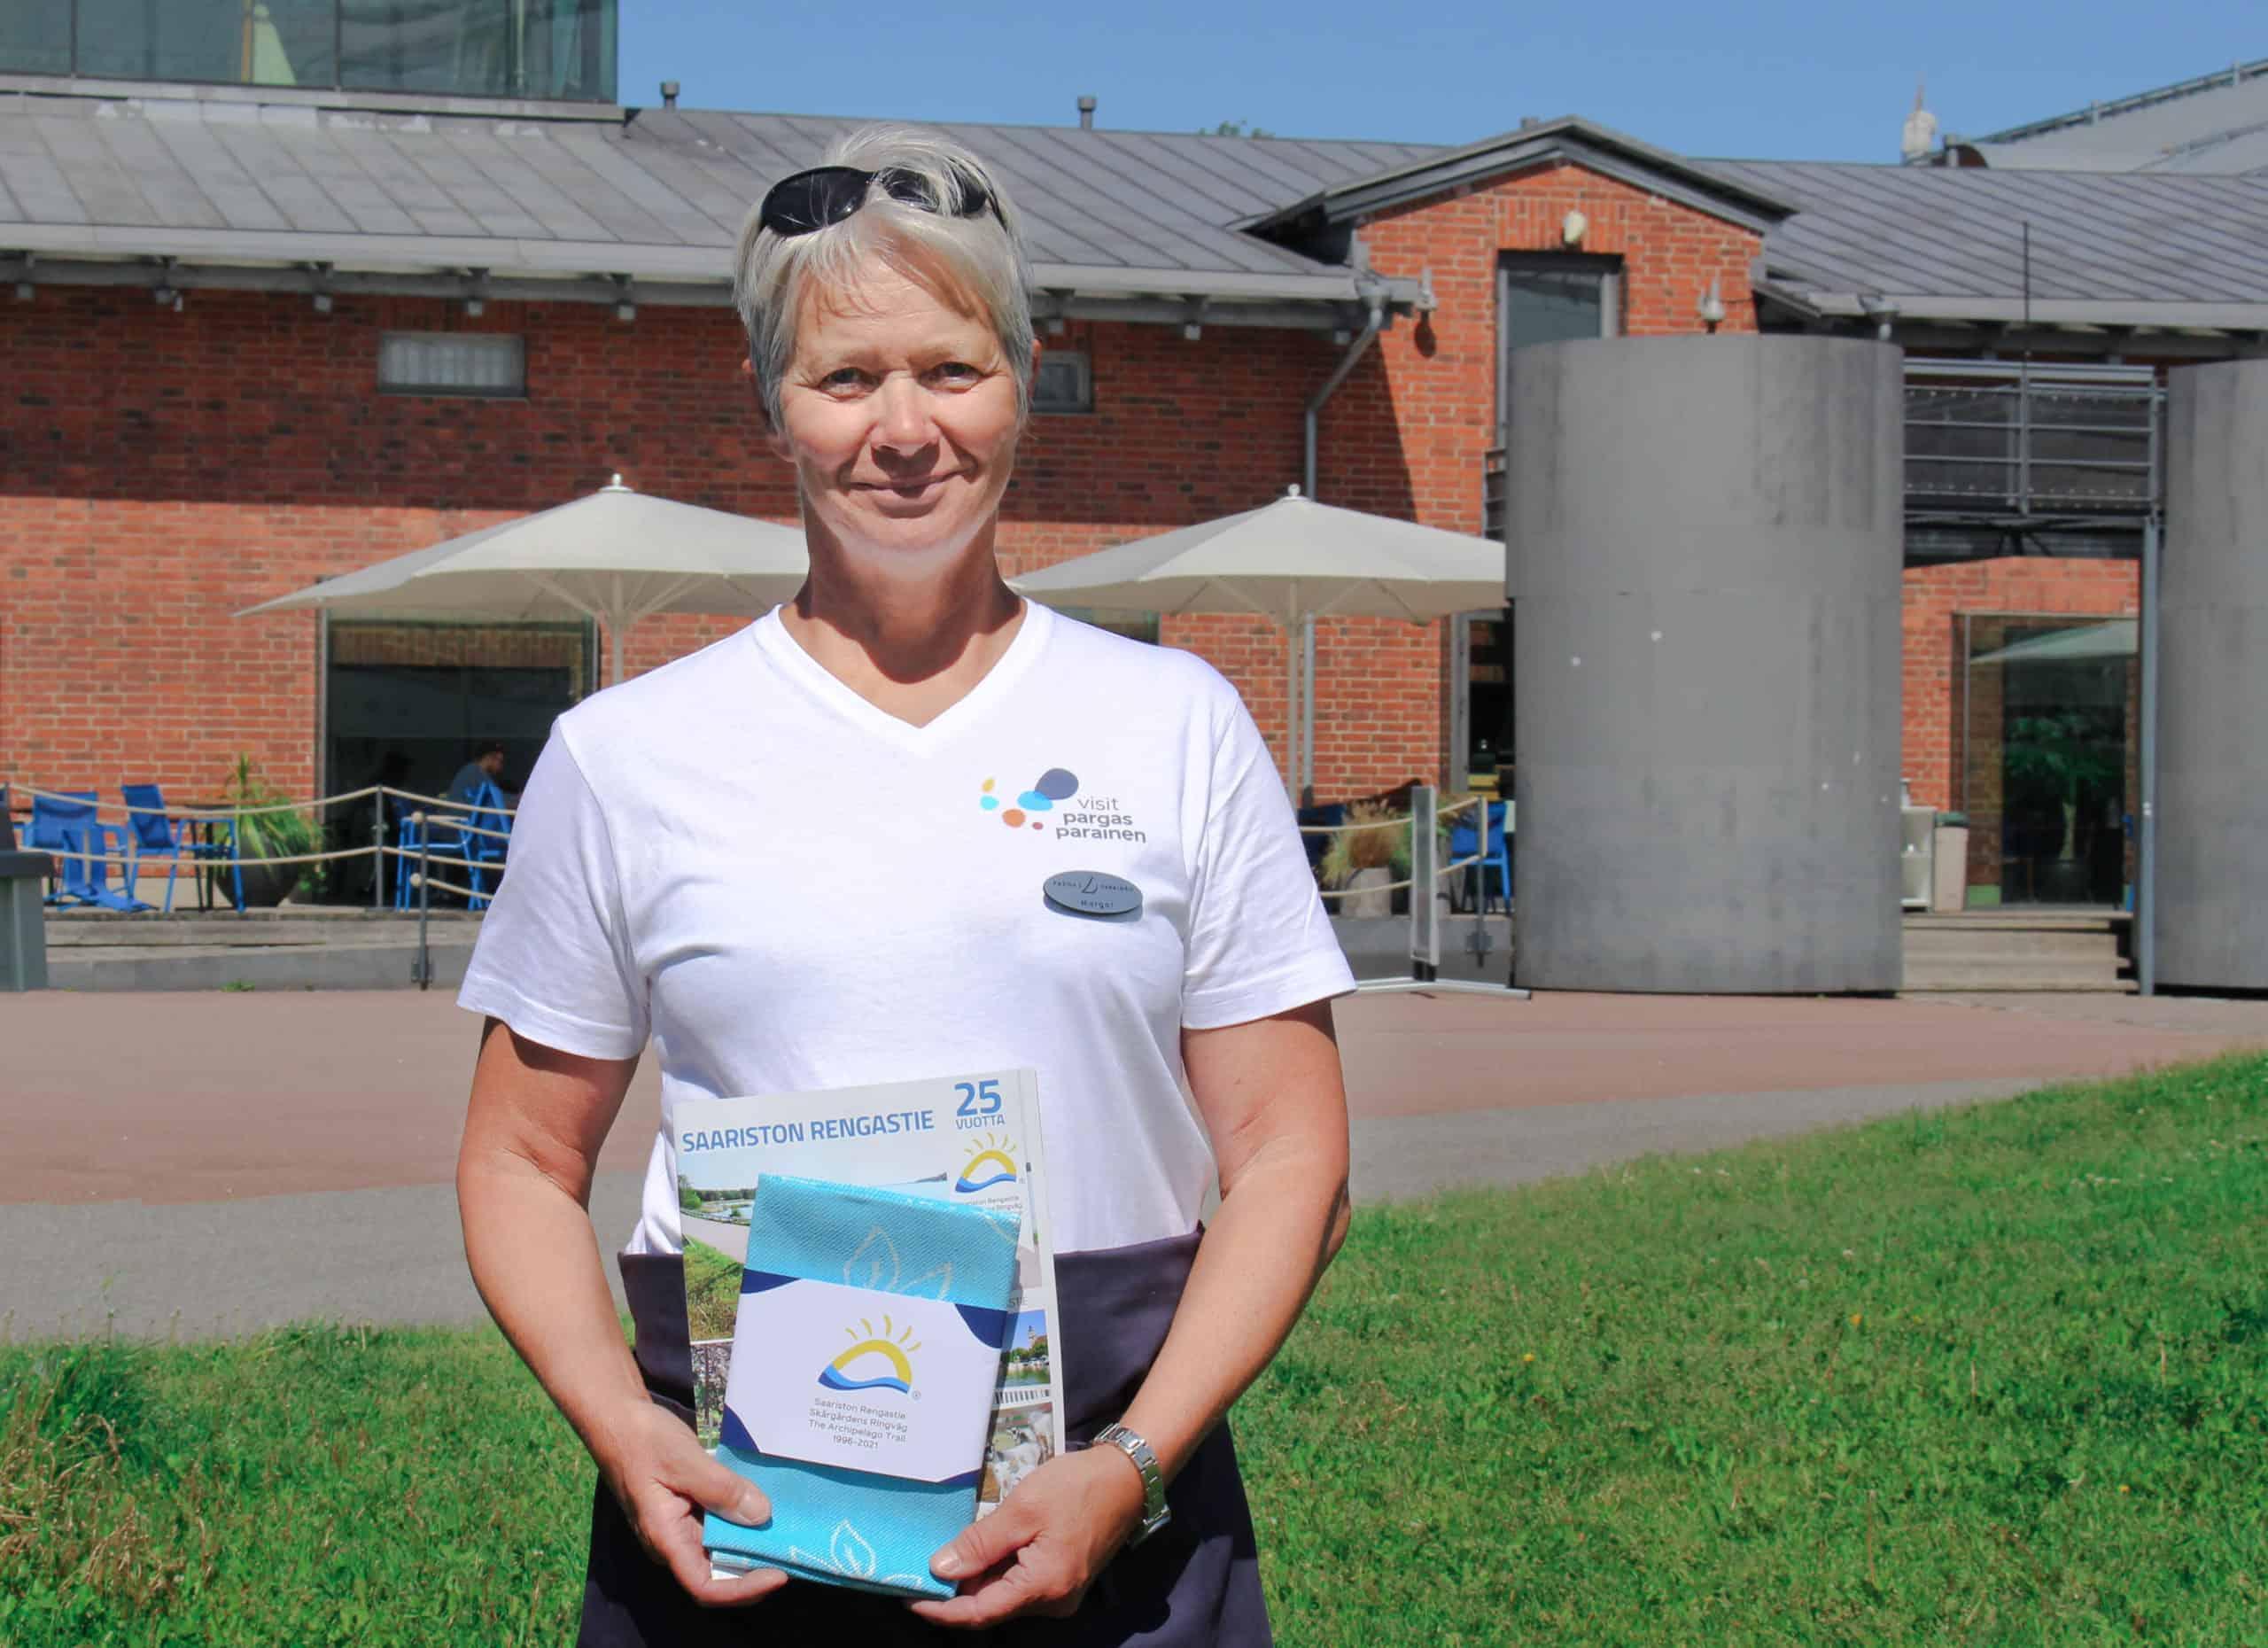 Margot Wikström esittelee keittiöpyyhettä ja uutta rengastien esitettä.